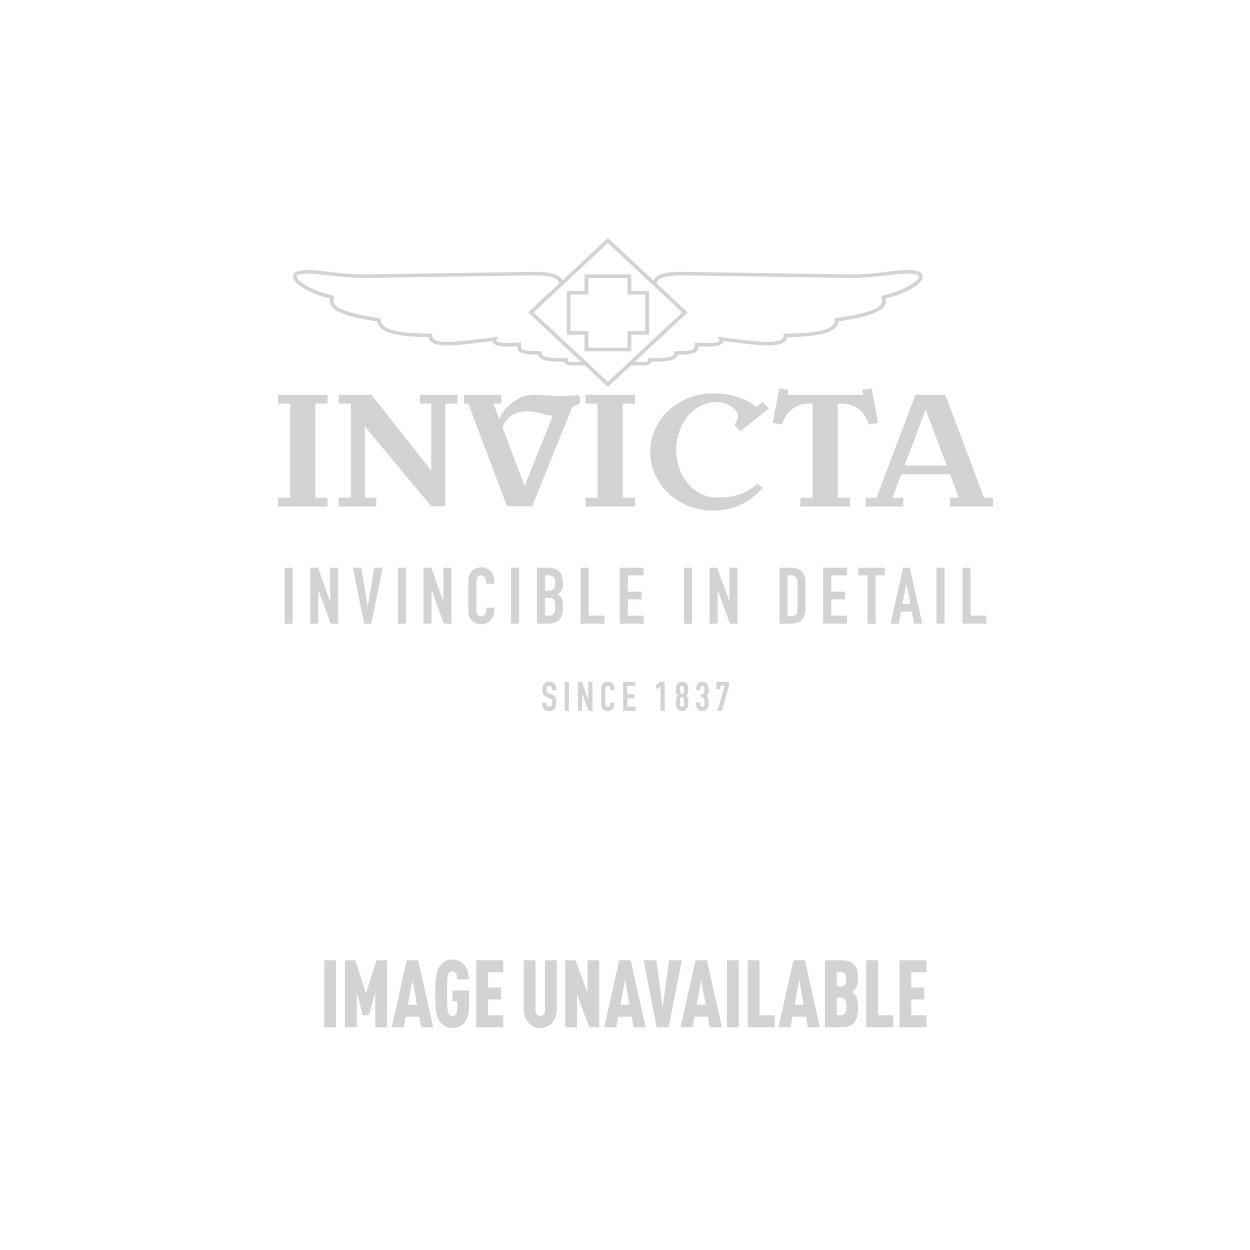 Invicta Model 24242